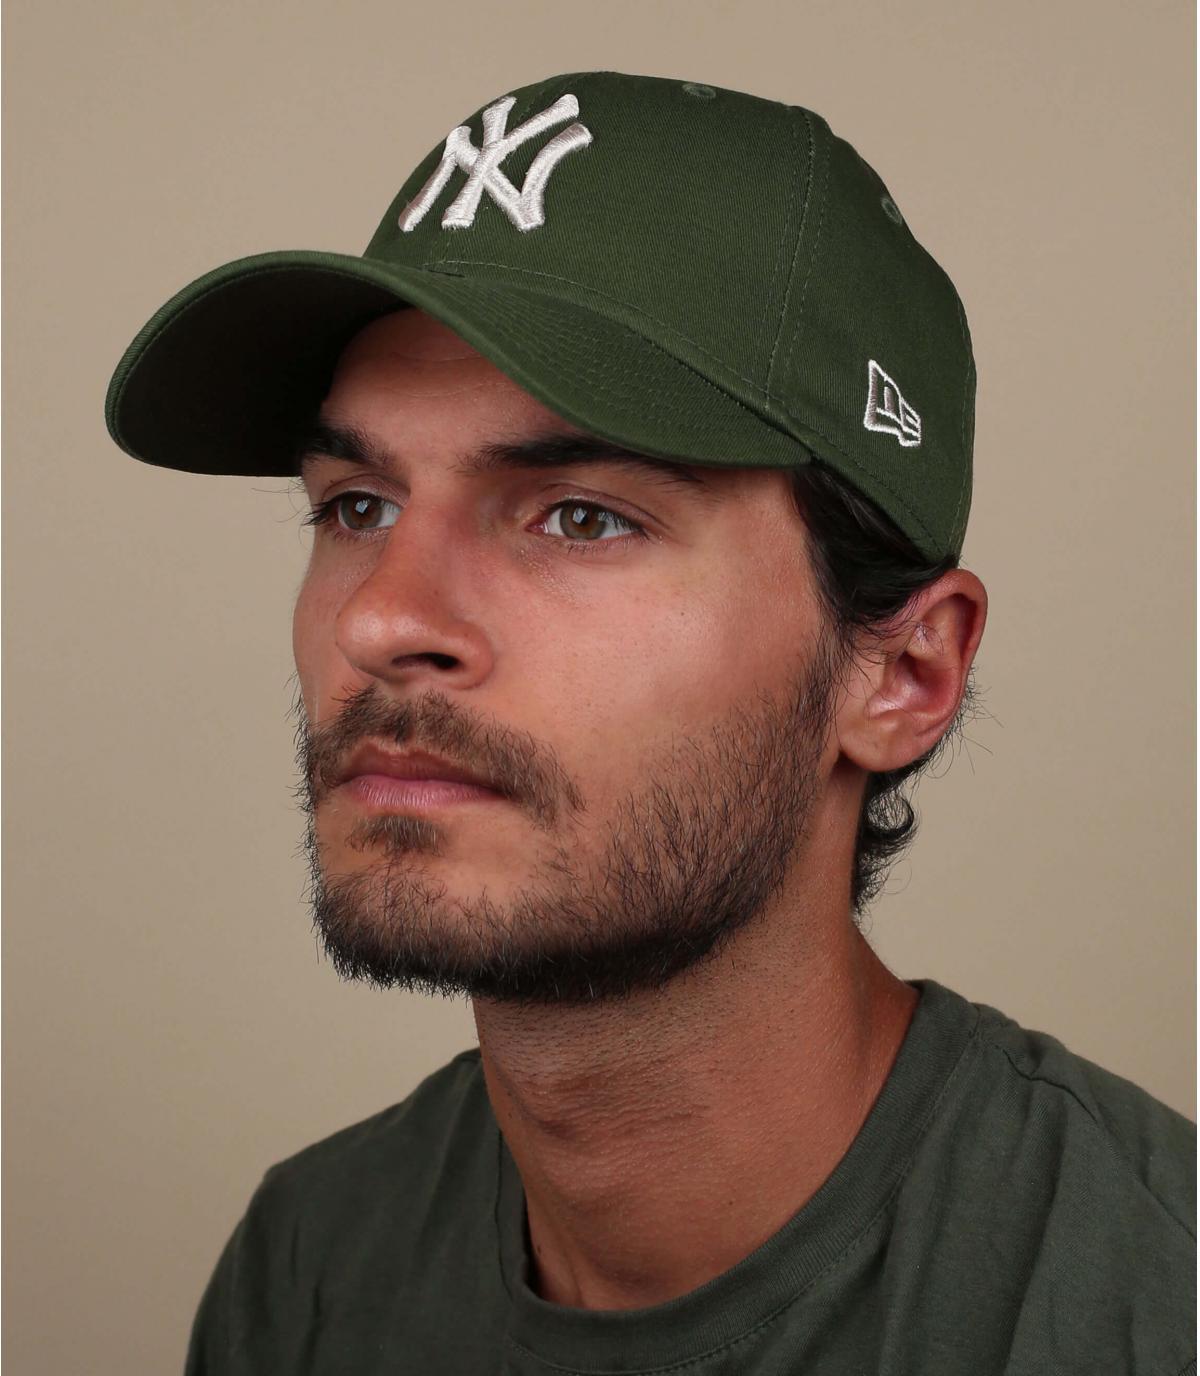 NY cappuccio verde grigio